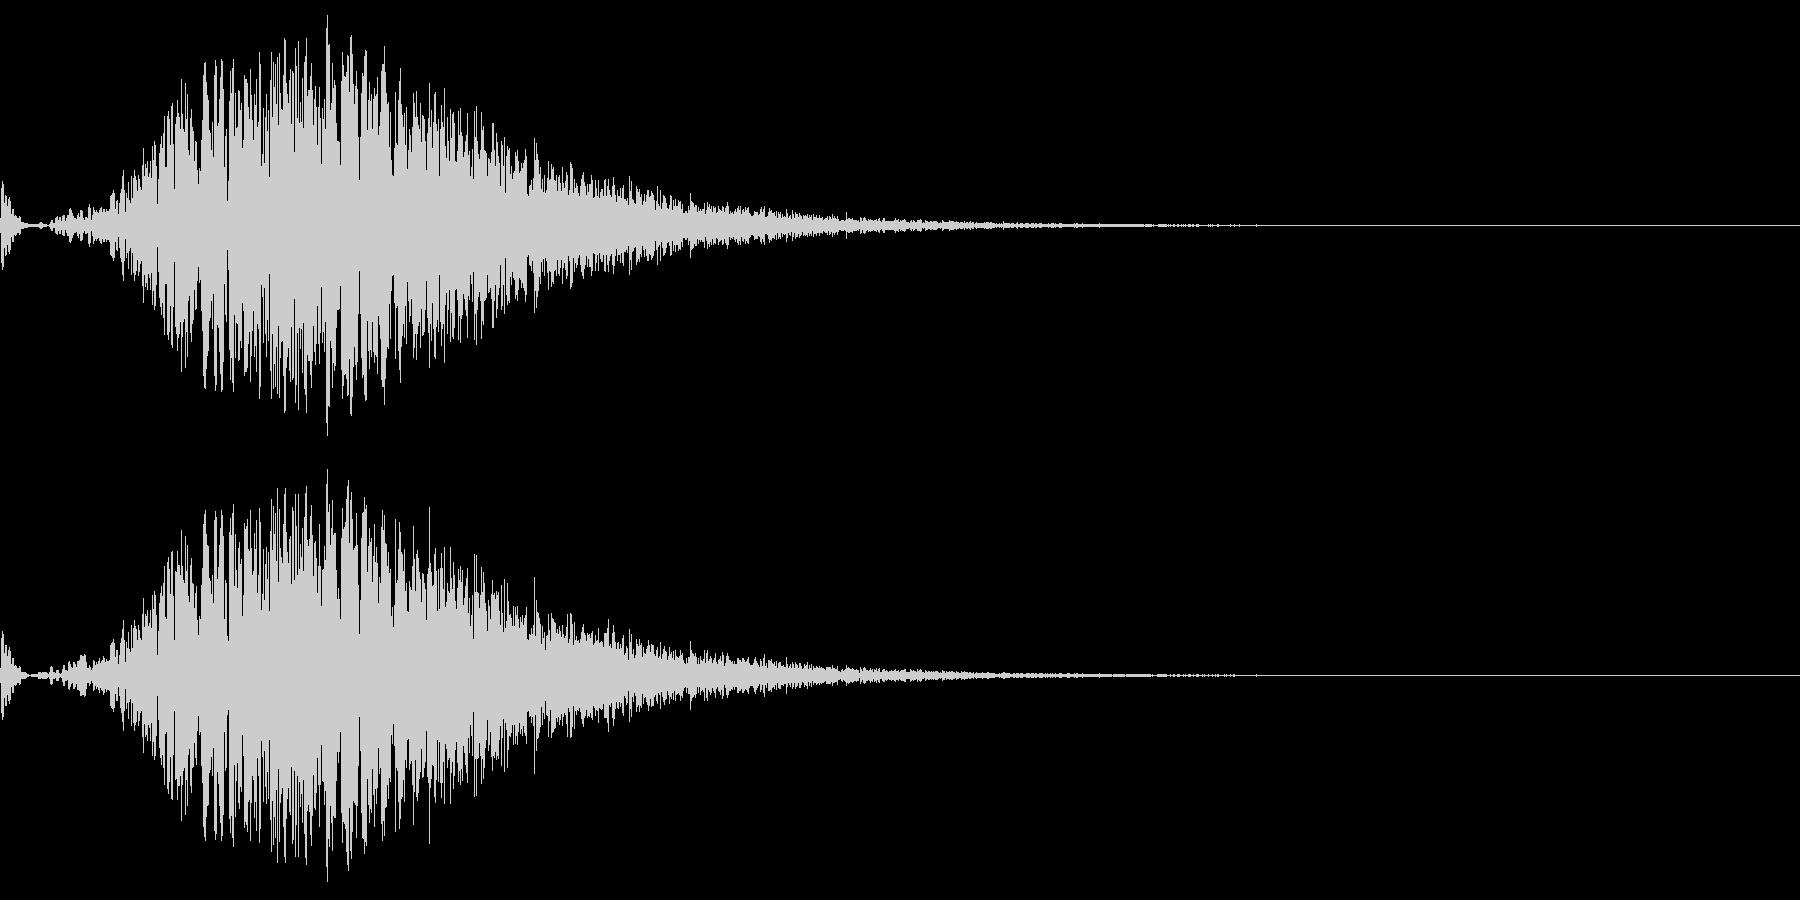 ワープ等の効果をイメージした音。の未再生の波形